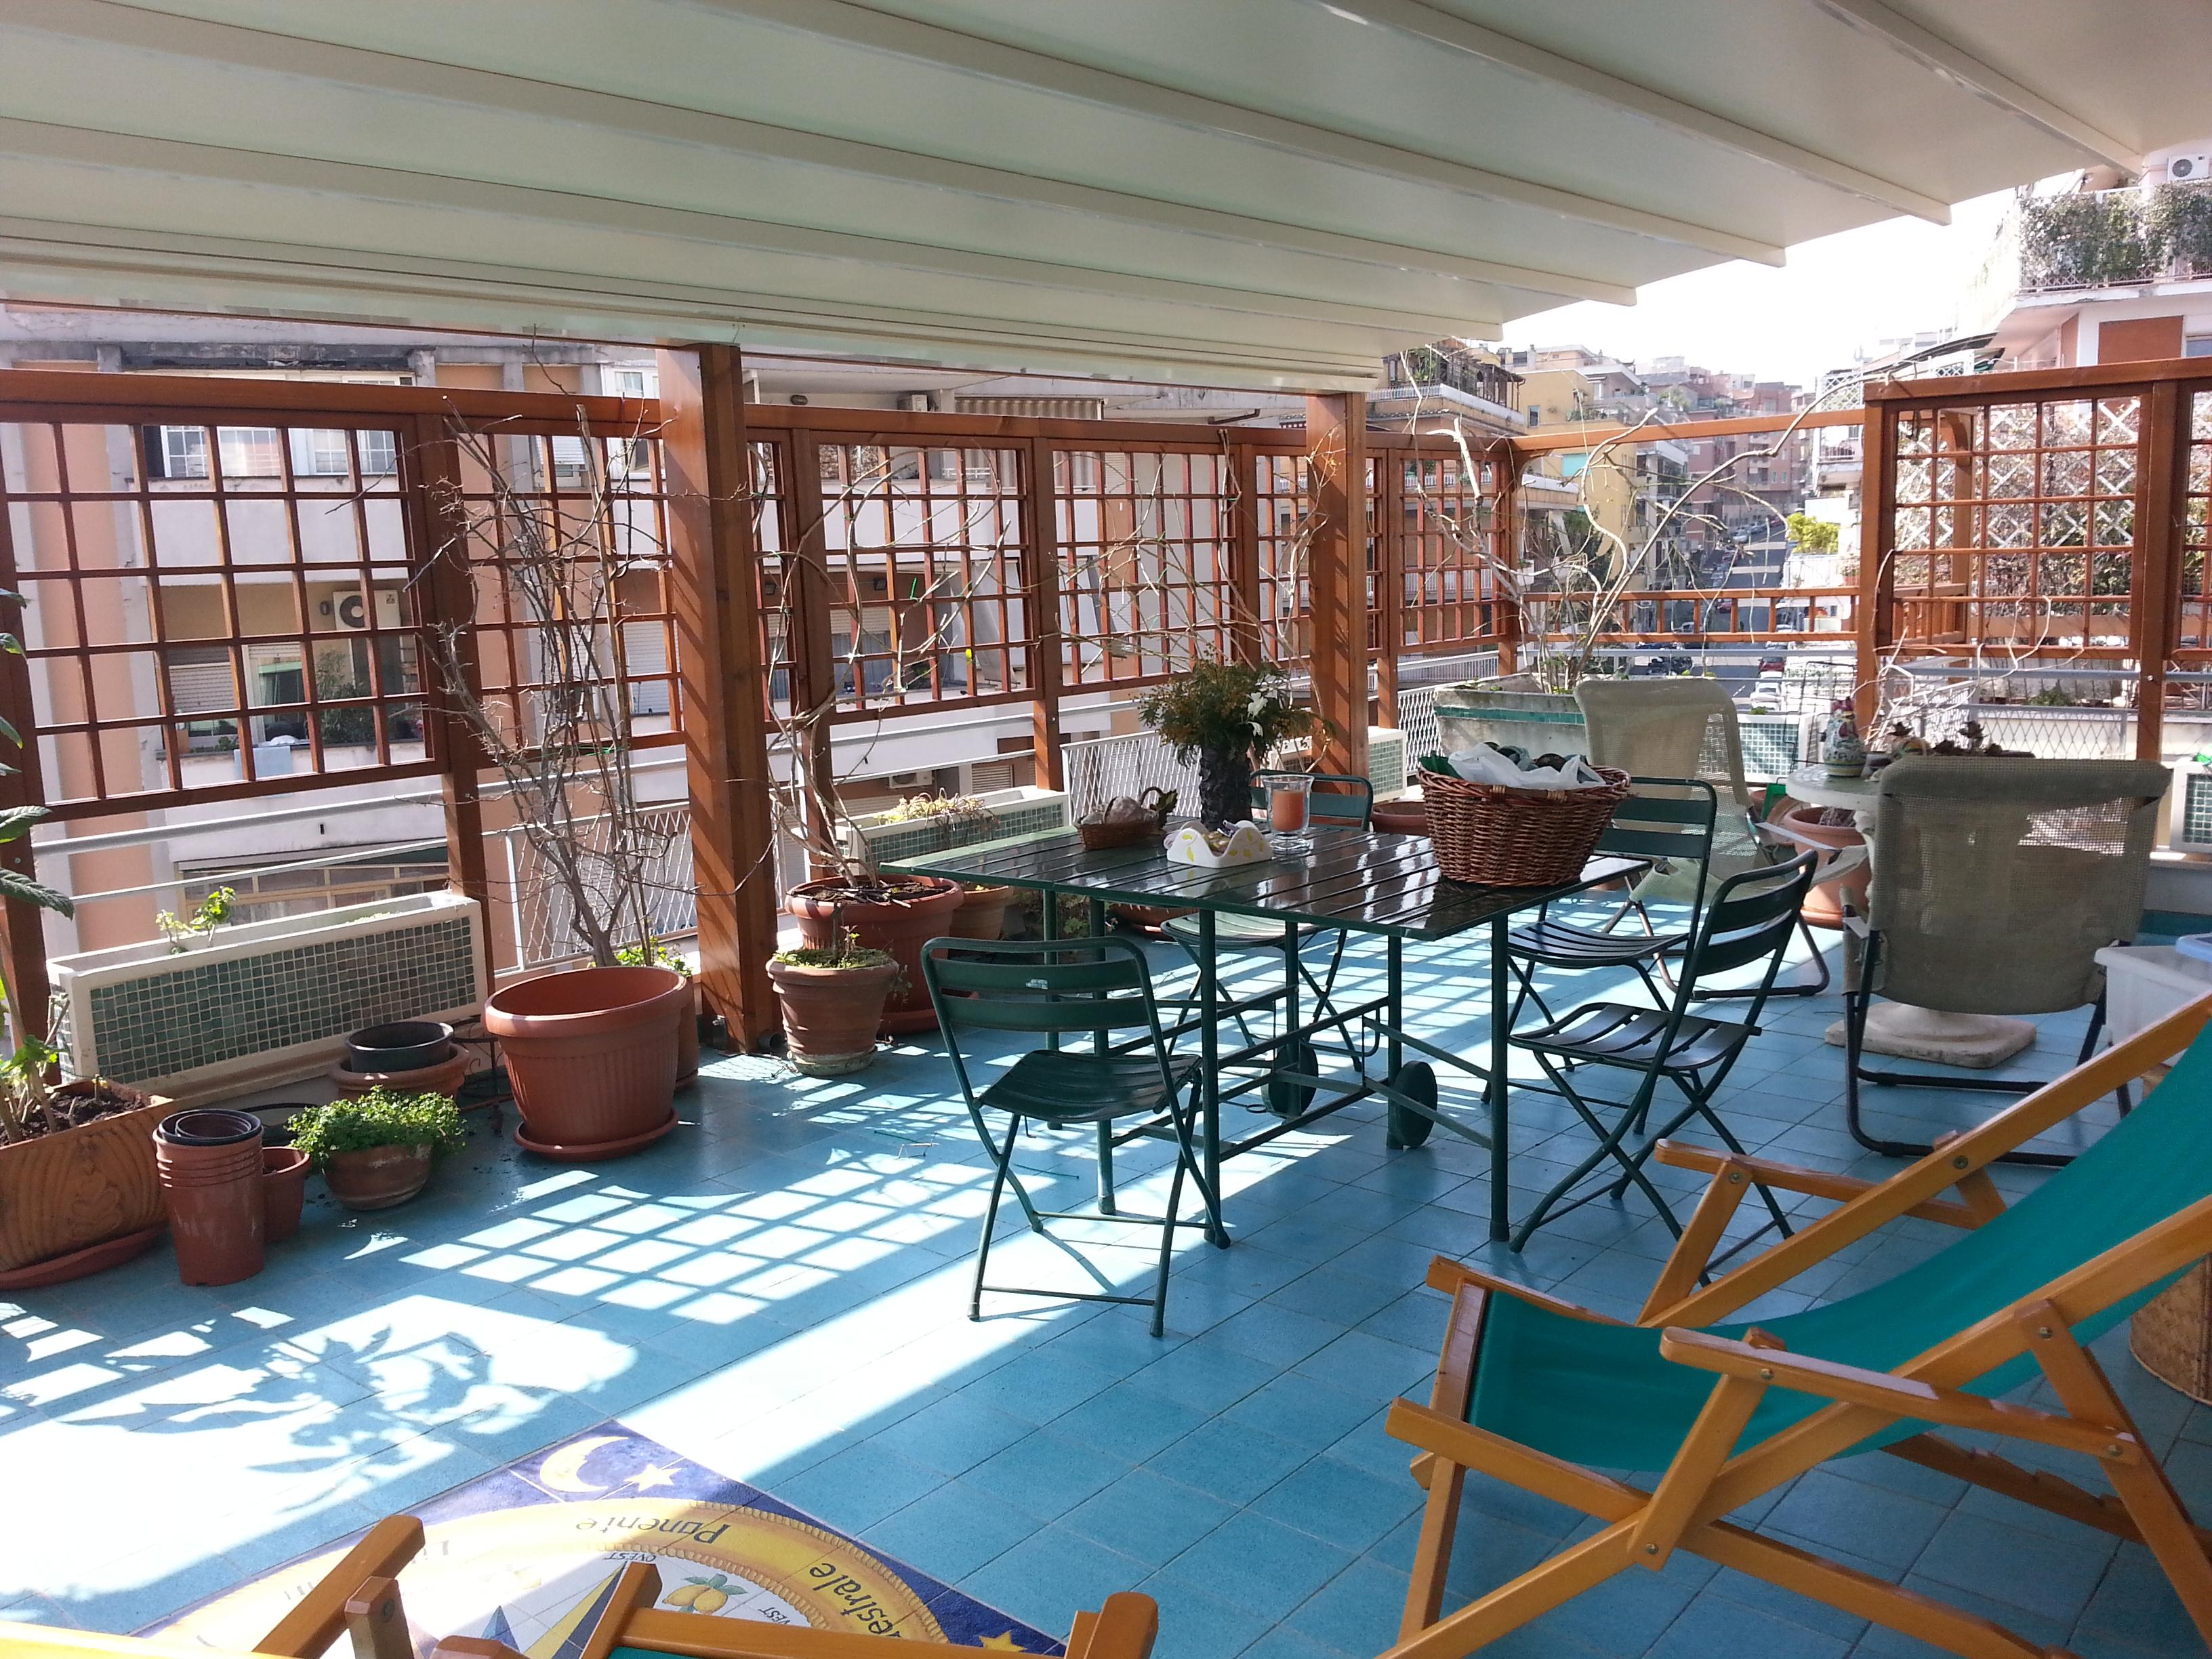 progetto impermeabilizzazione terrazza a roma rm idee On terrazza del gianicolo 00118 roma rm